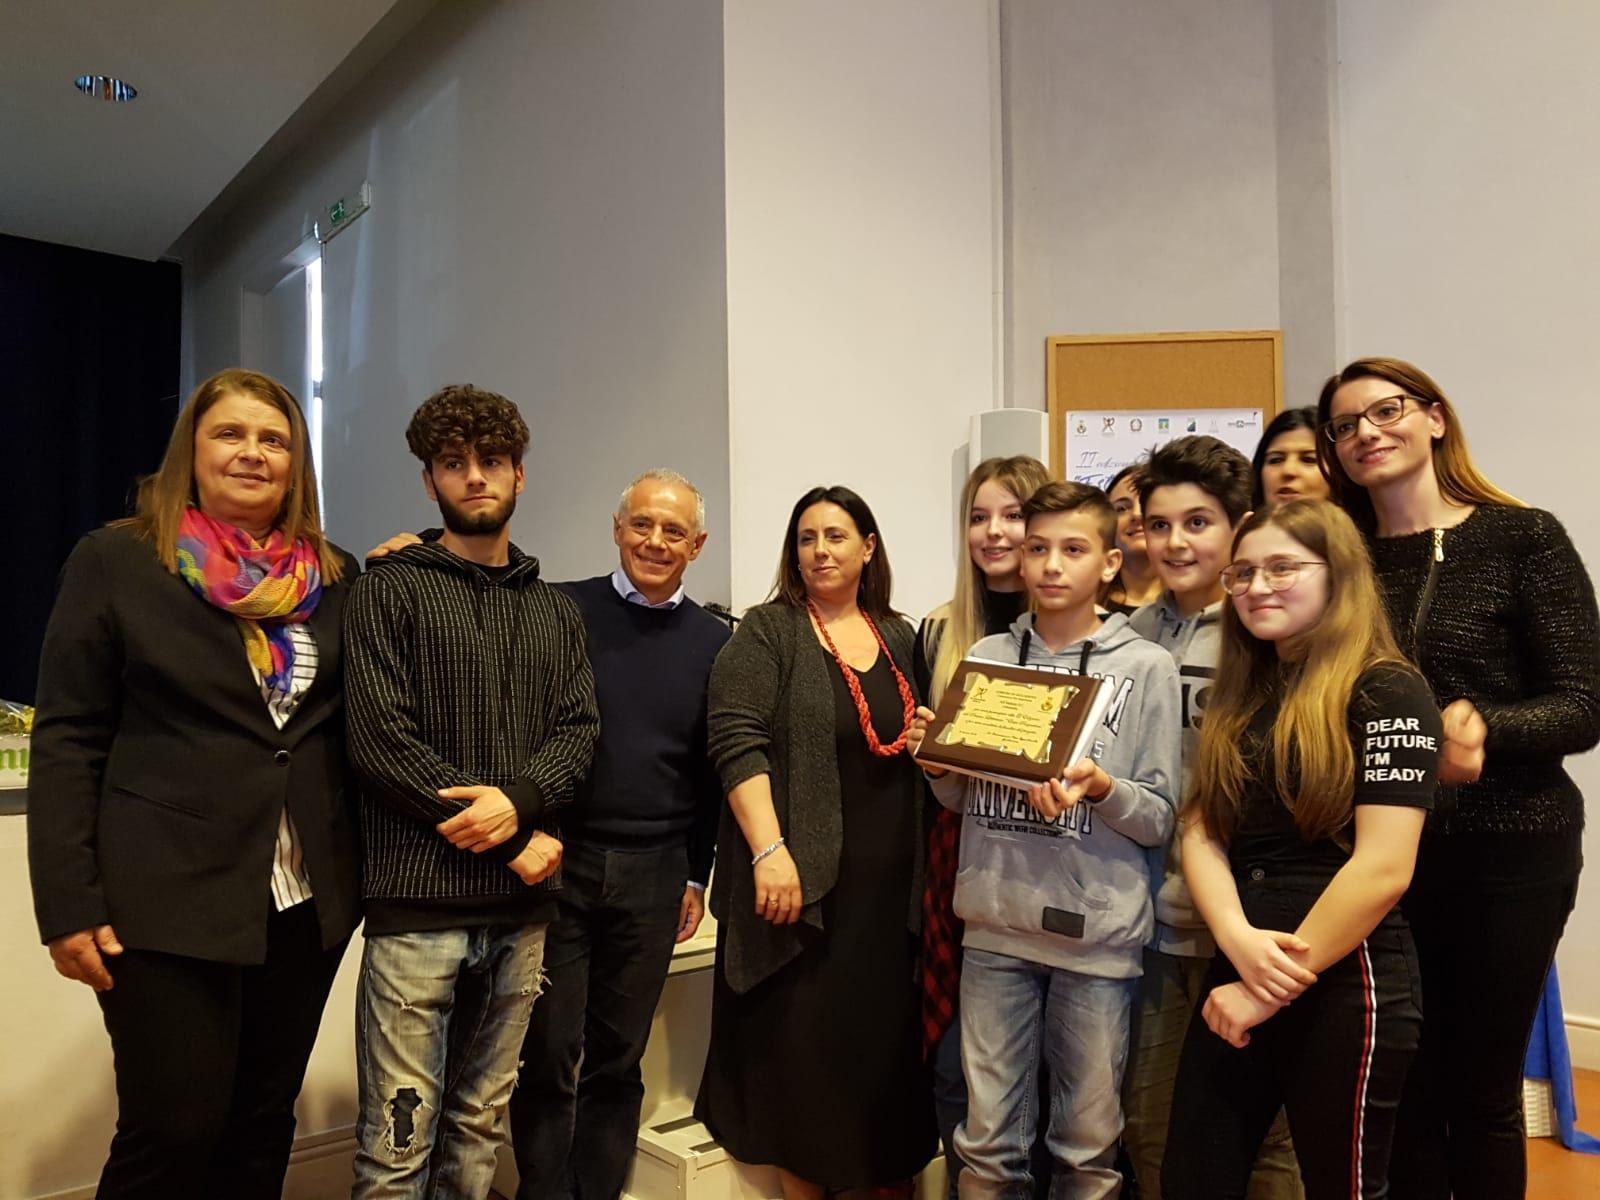 Concorso Ester Pasqualoni, vince la scuola media di Colonnella